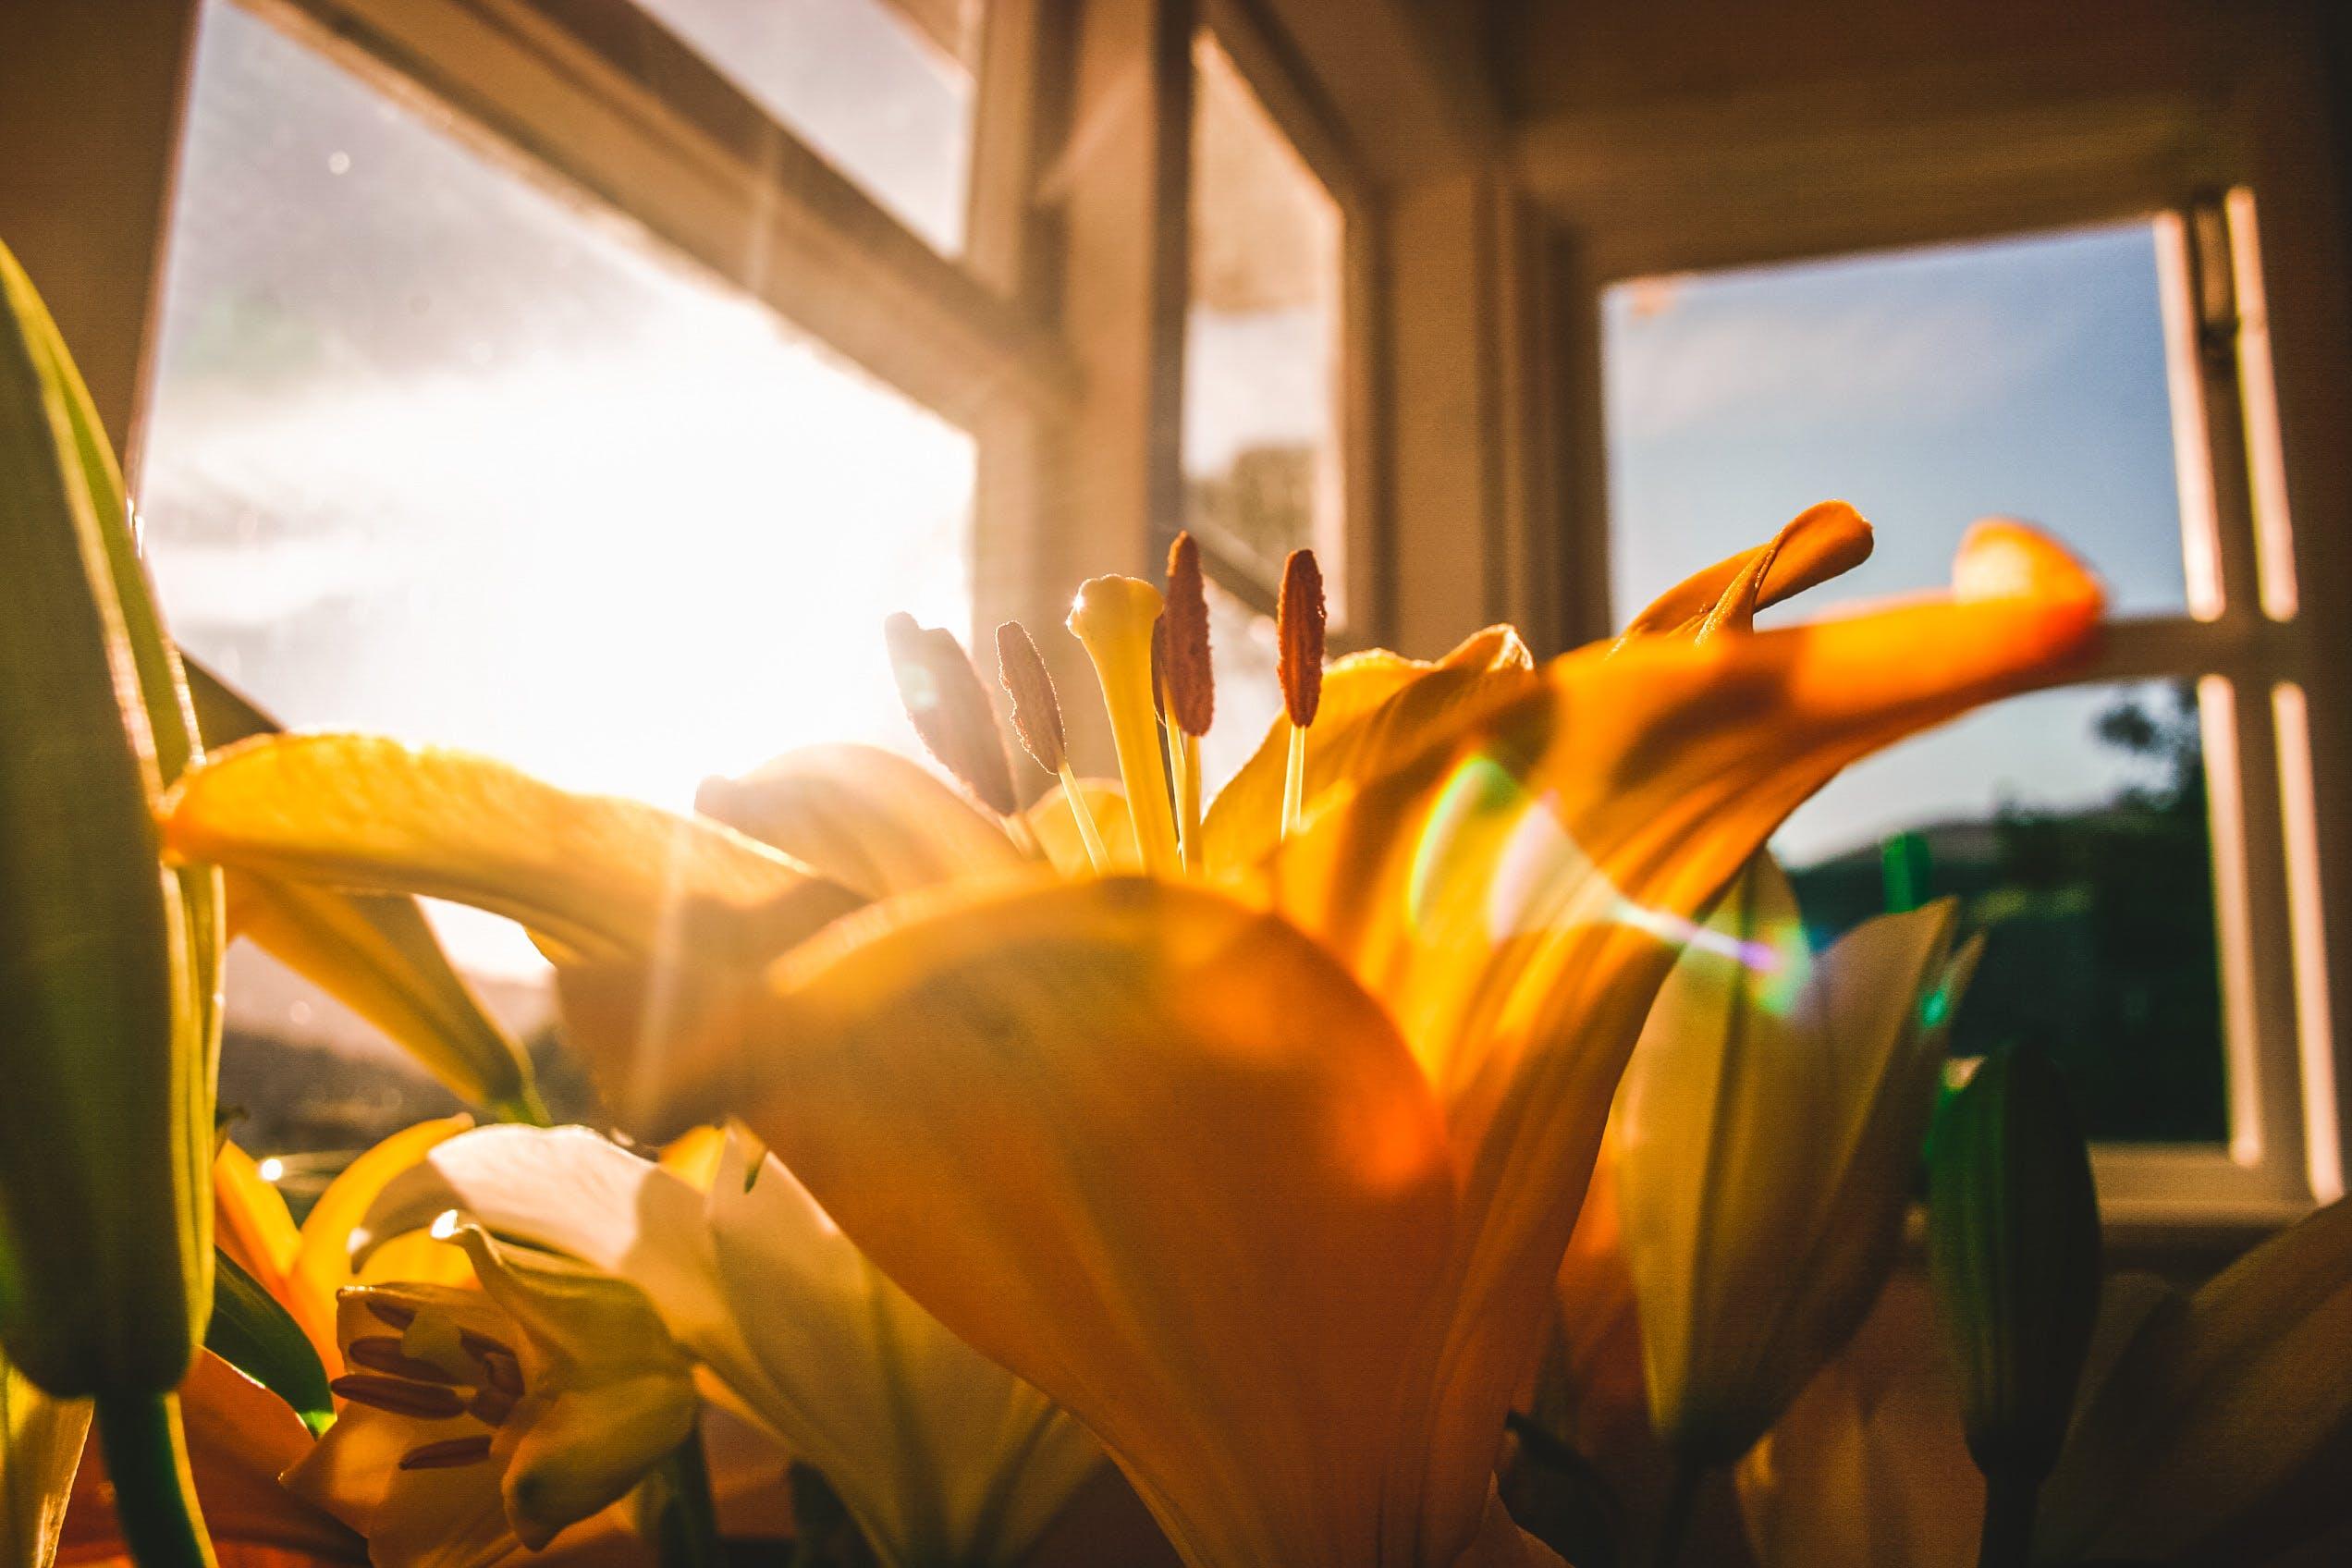 Kostenloses Stock Foto zu blume, blüte, blütenblätter, drinnen